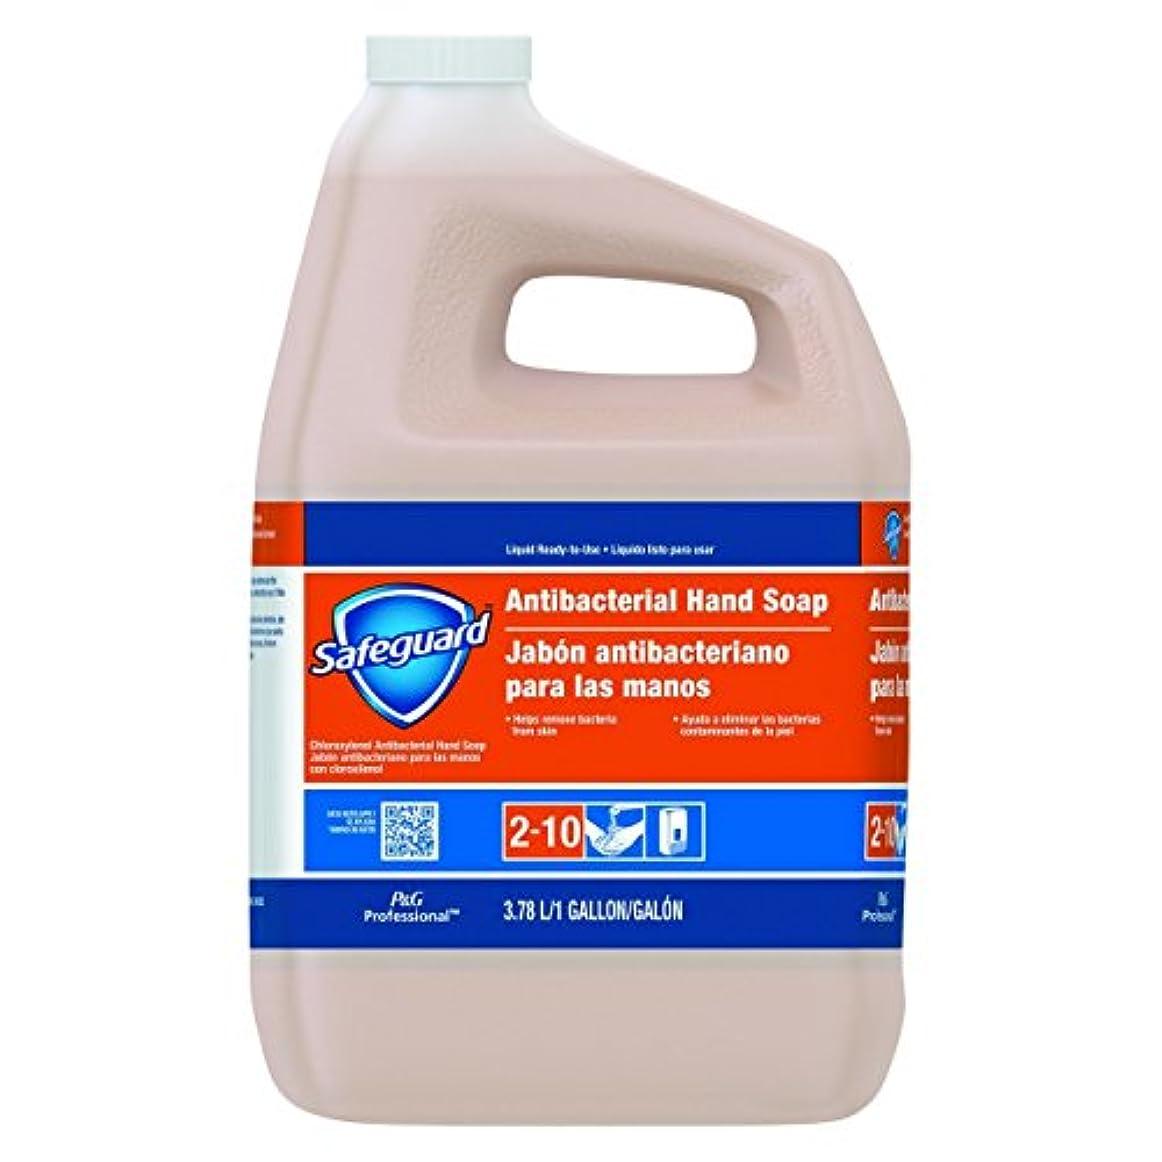 増幅良さ浪費Safeguard抗菌Liquid Hand Soap , 1 galボトル、2 /カートン